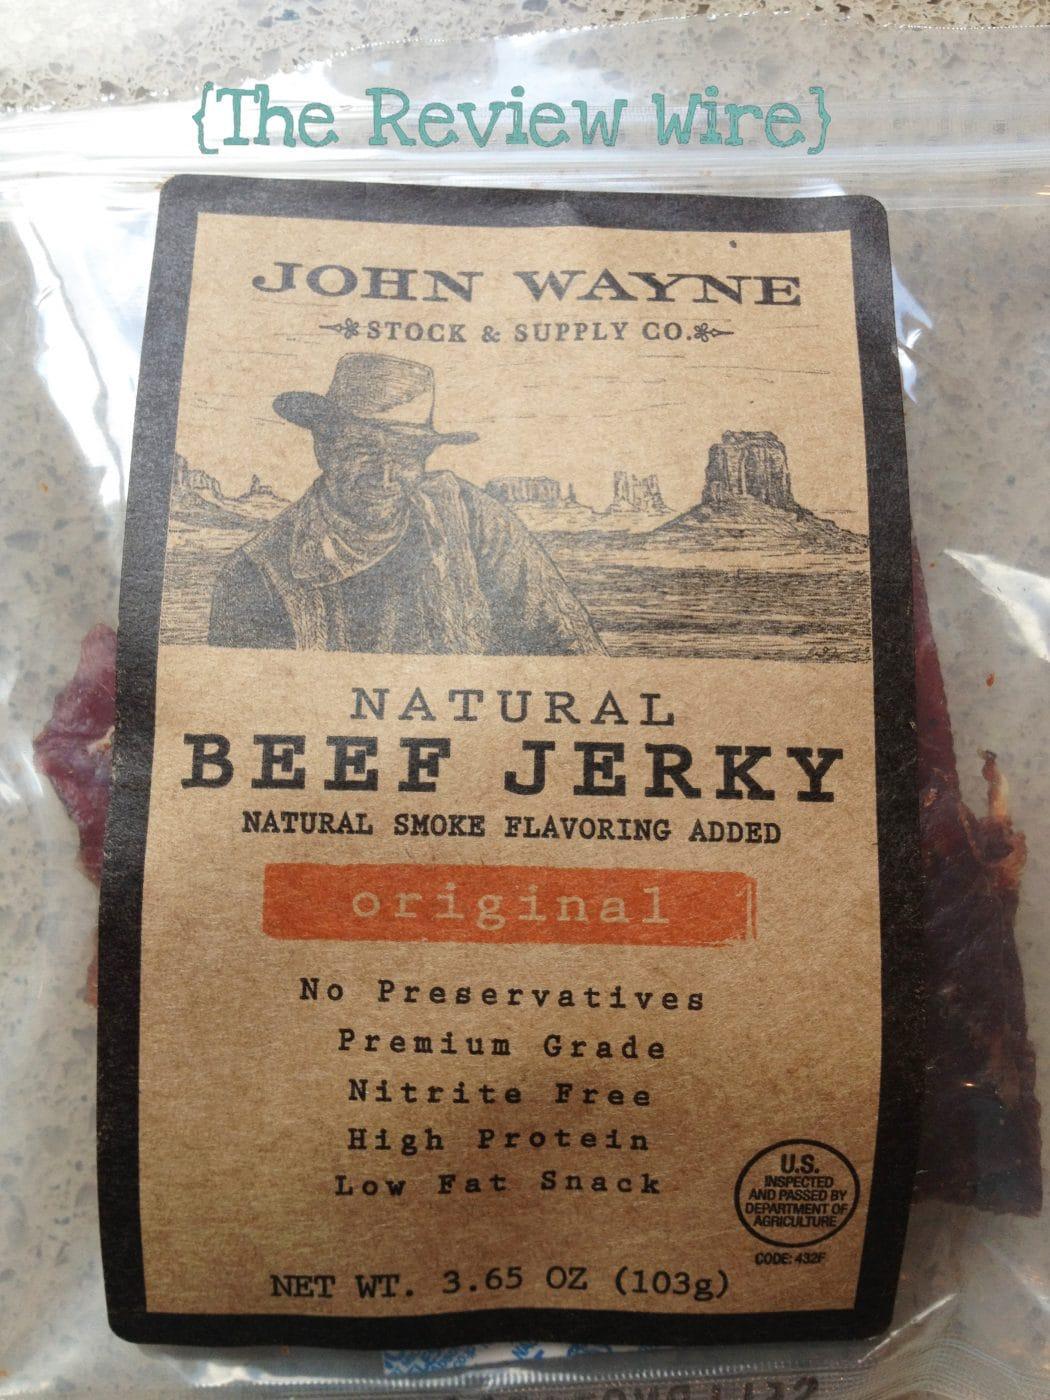 John Wayne Beef Jerky Review